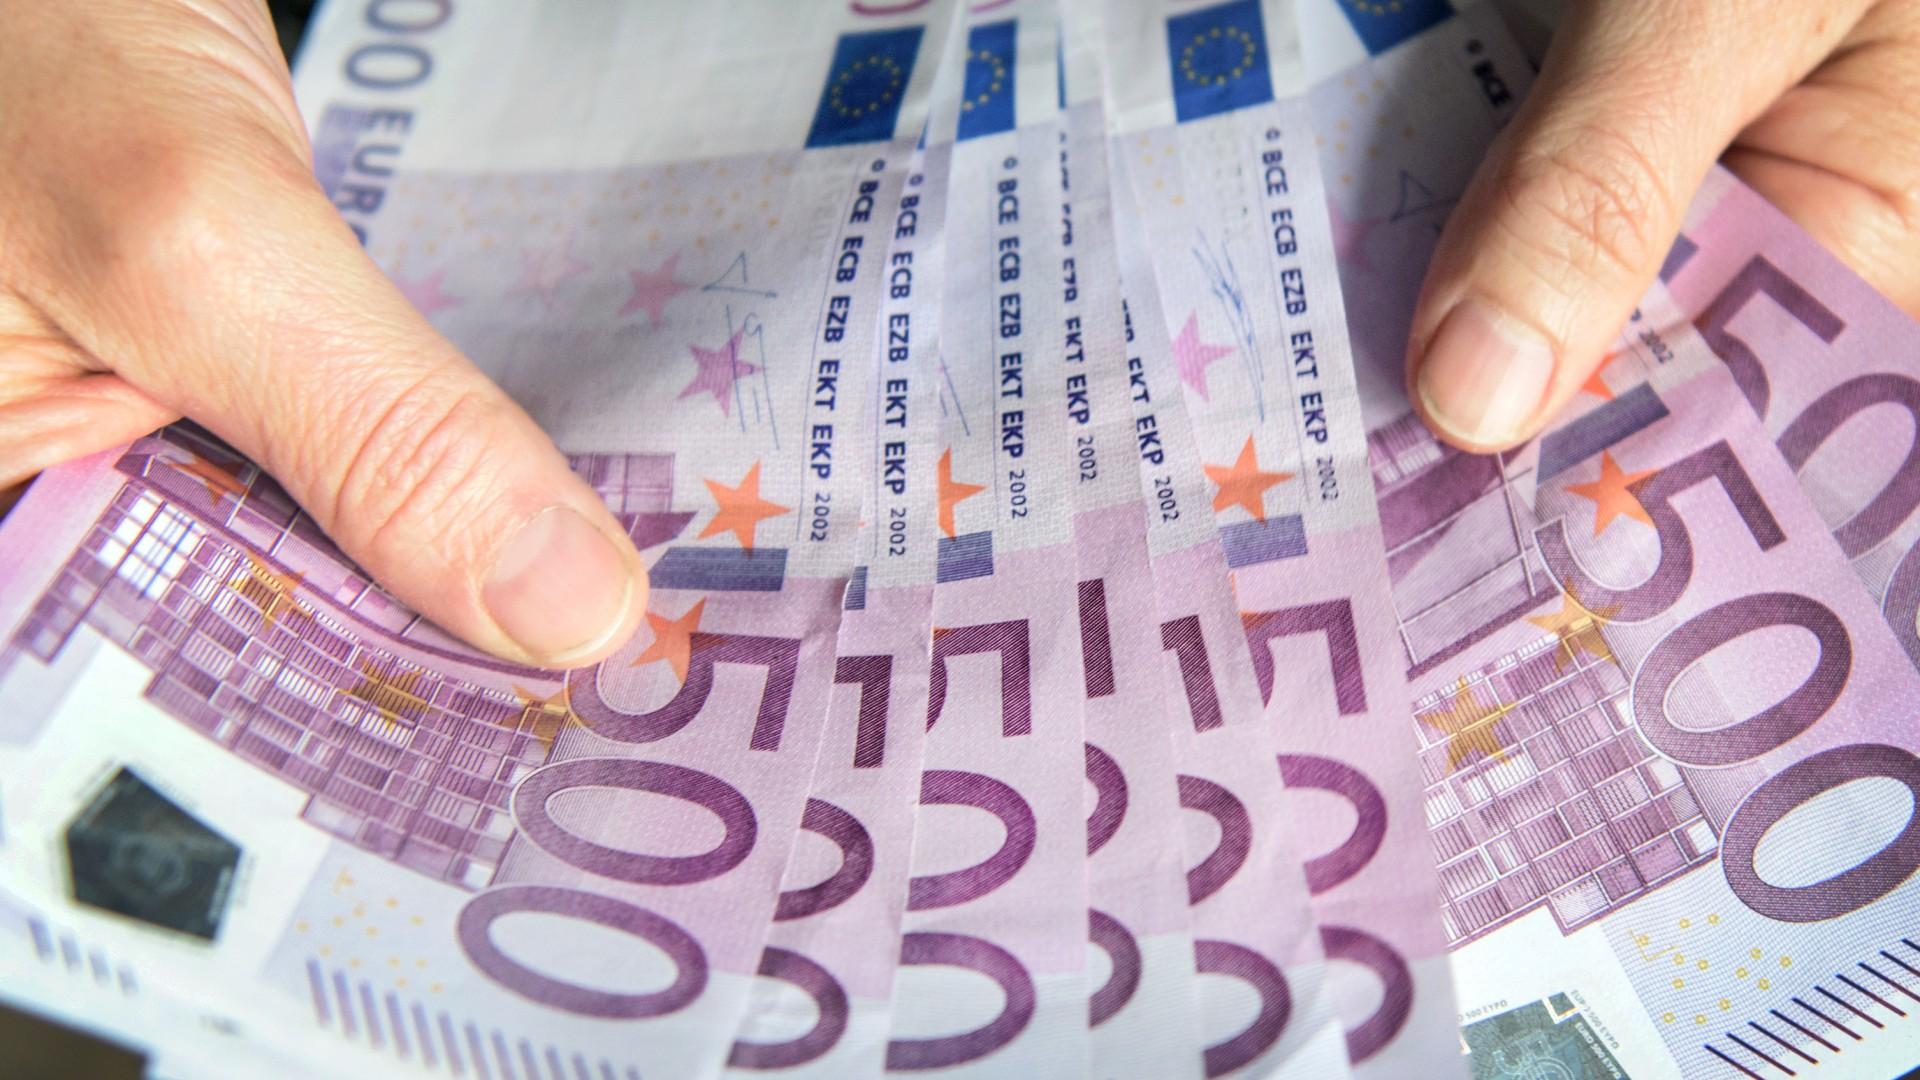 500 Euro Scheine im Bündel